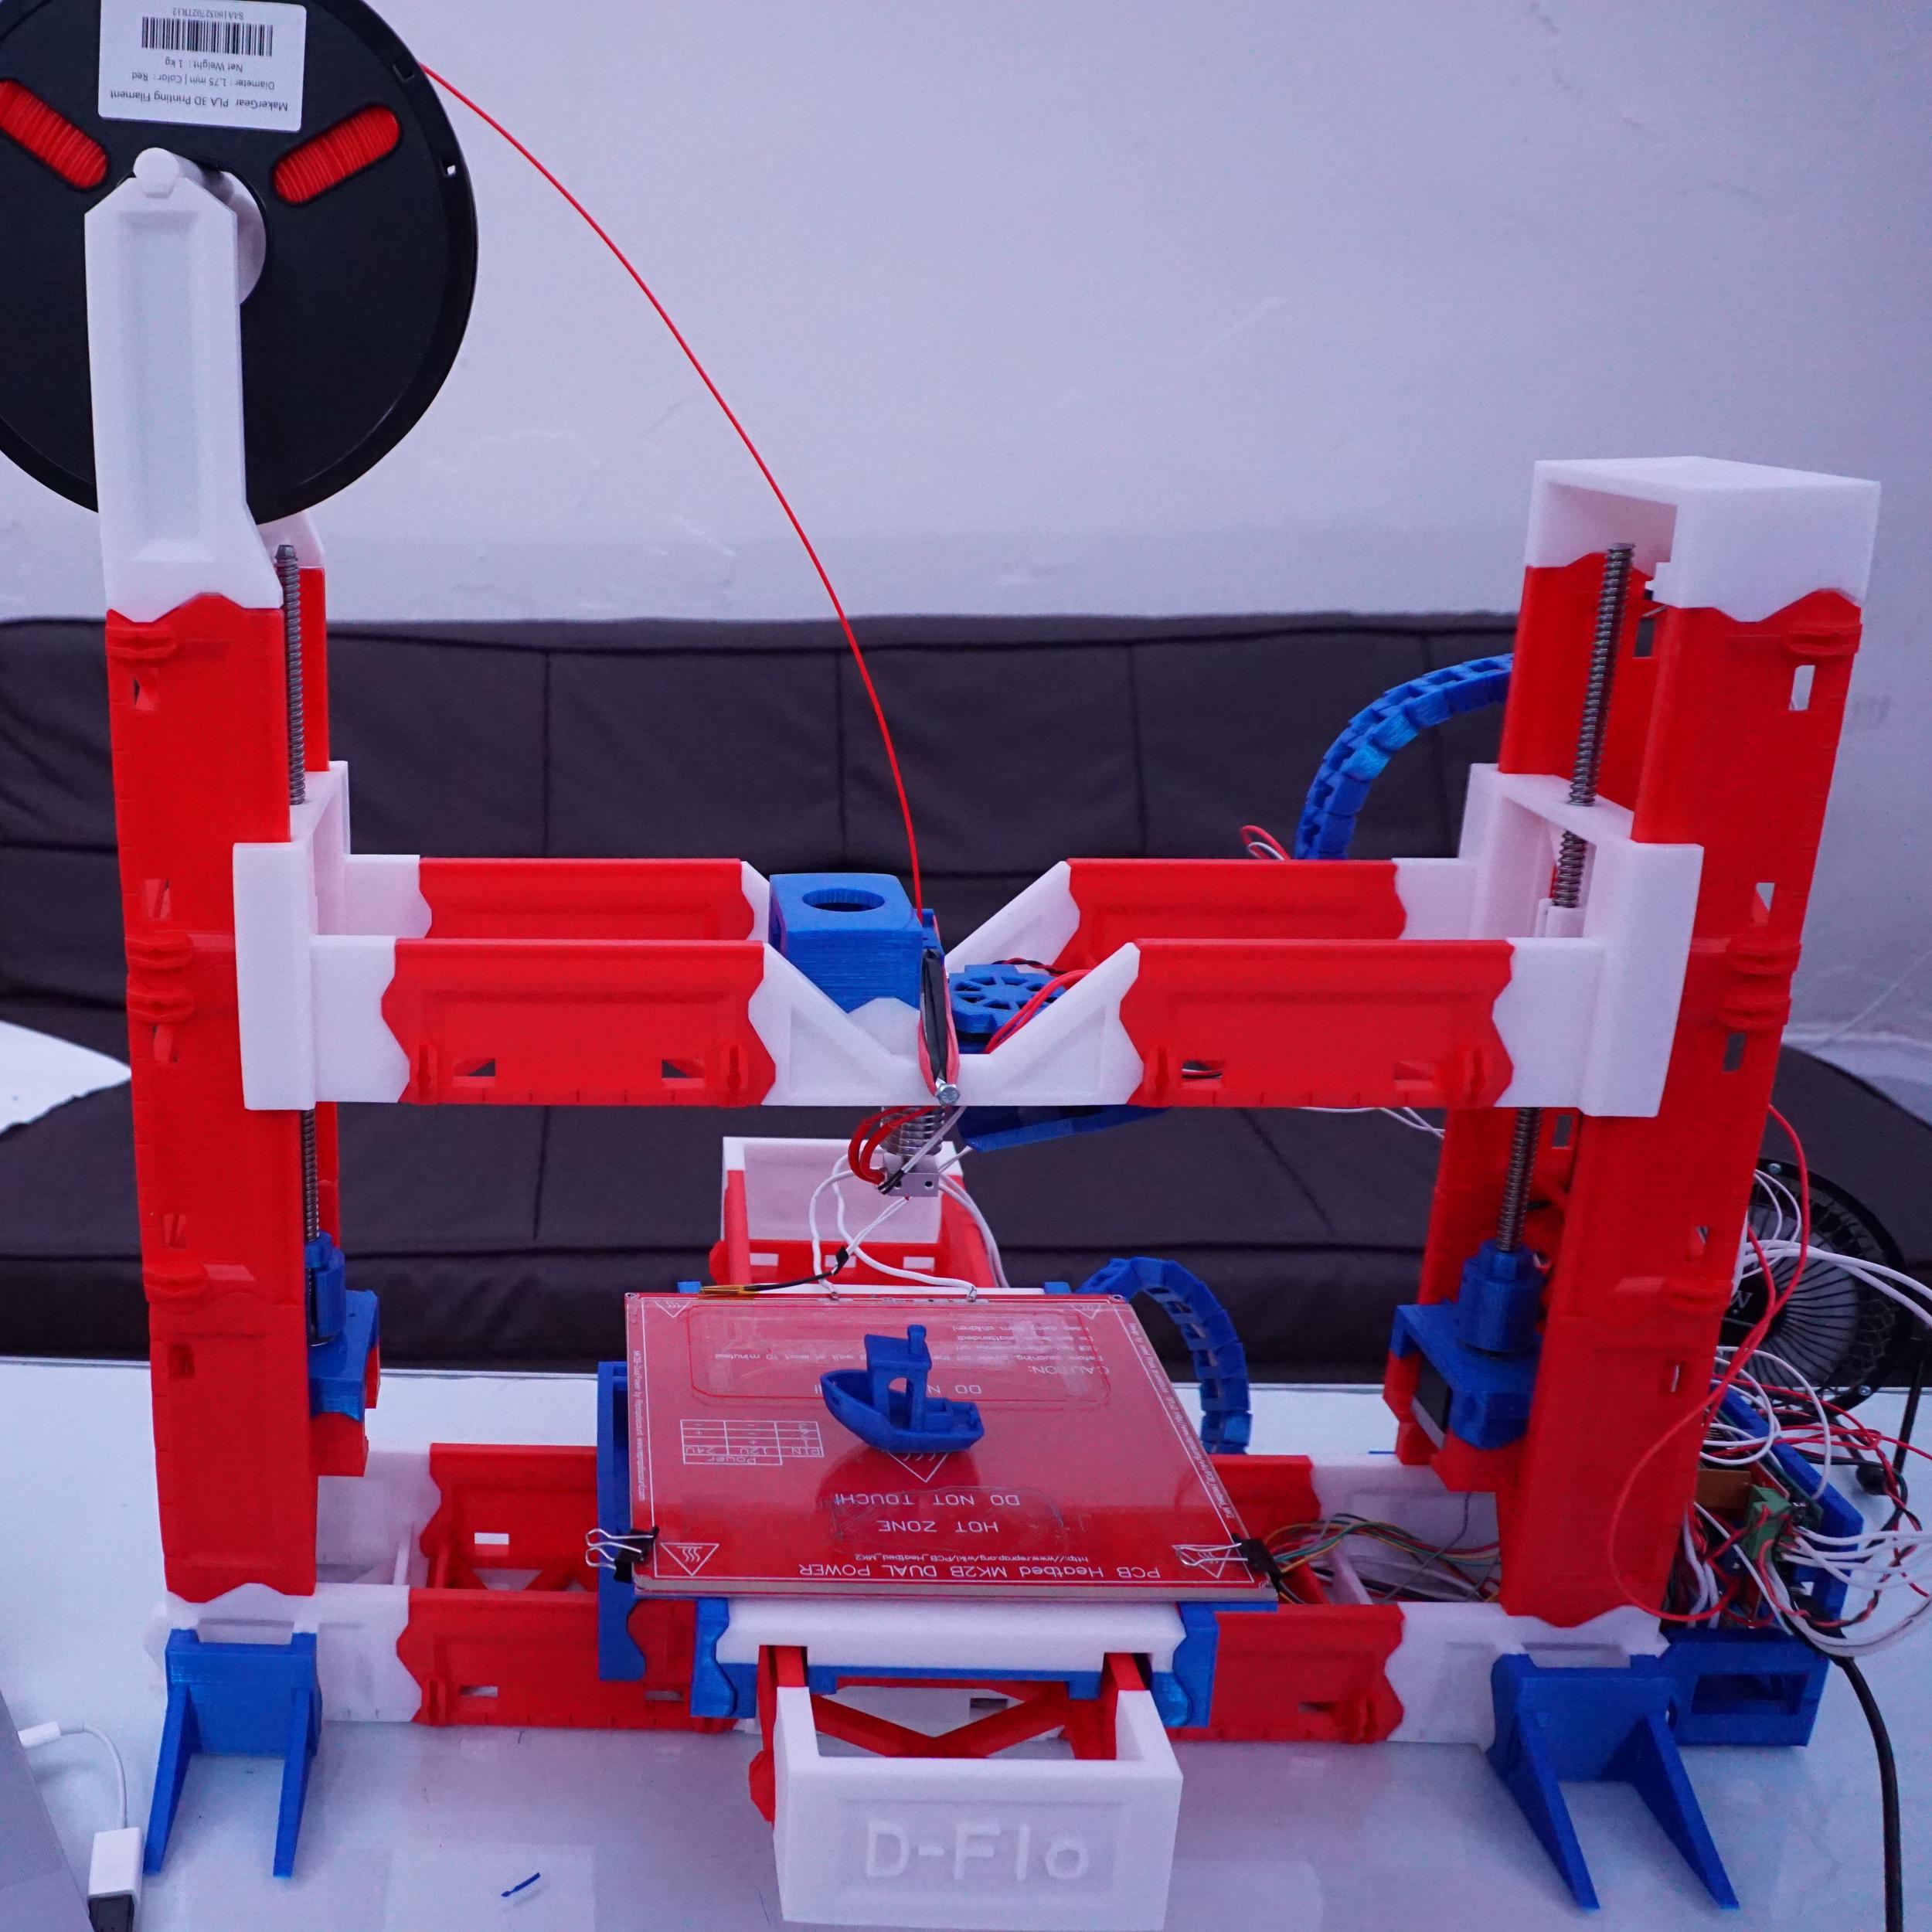 3D Printed 3D printer